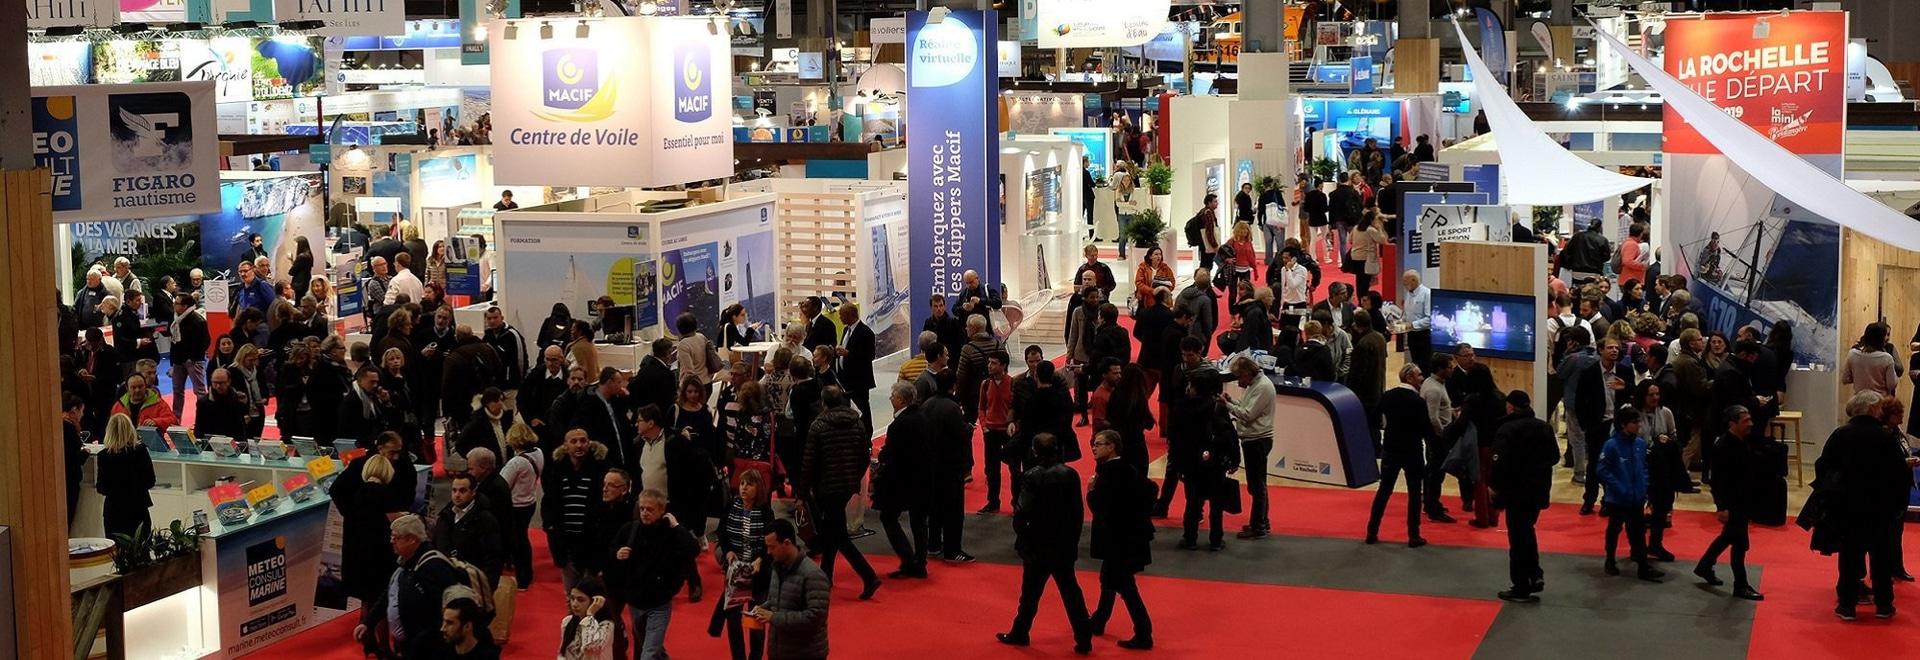 Ausrichtung für die des Nautics 'innovative Produktausstellung' ist offen!